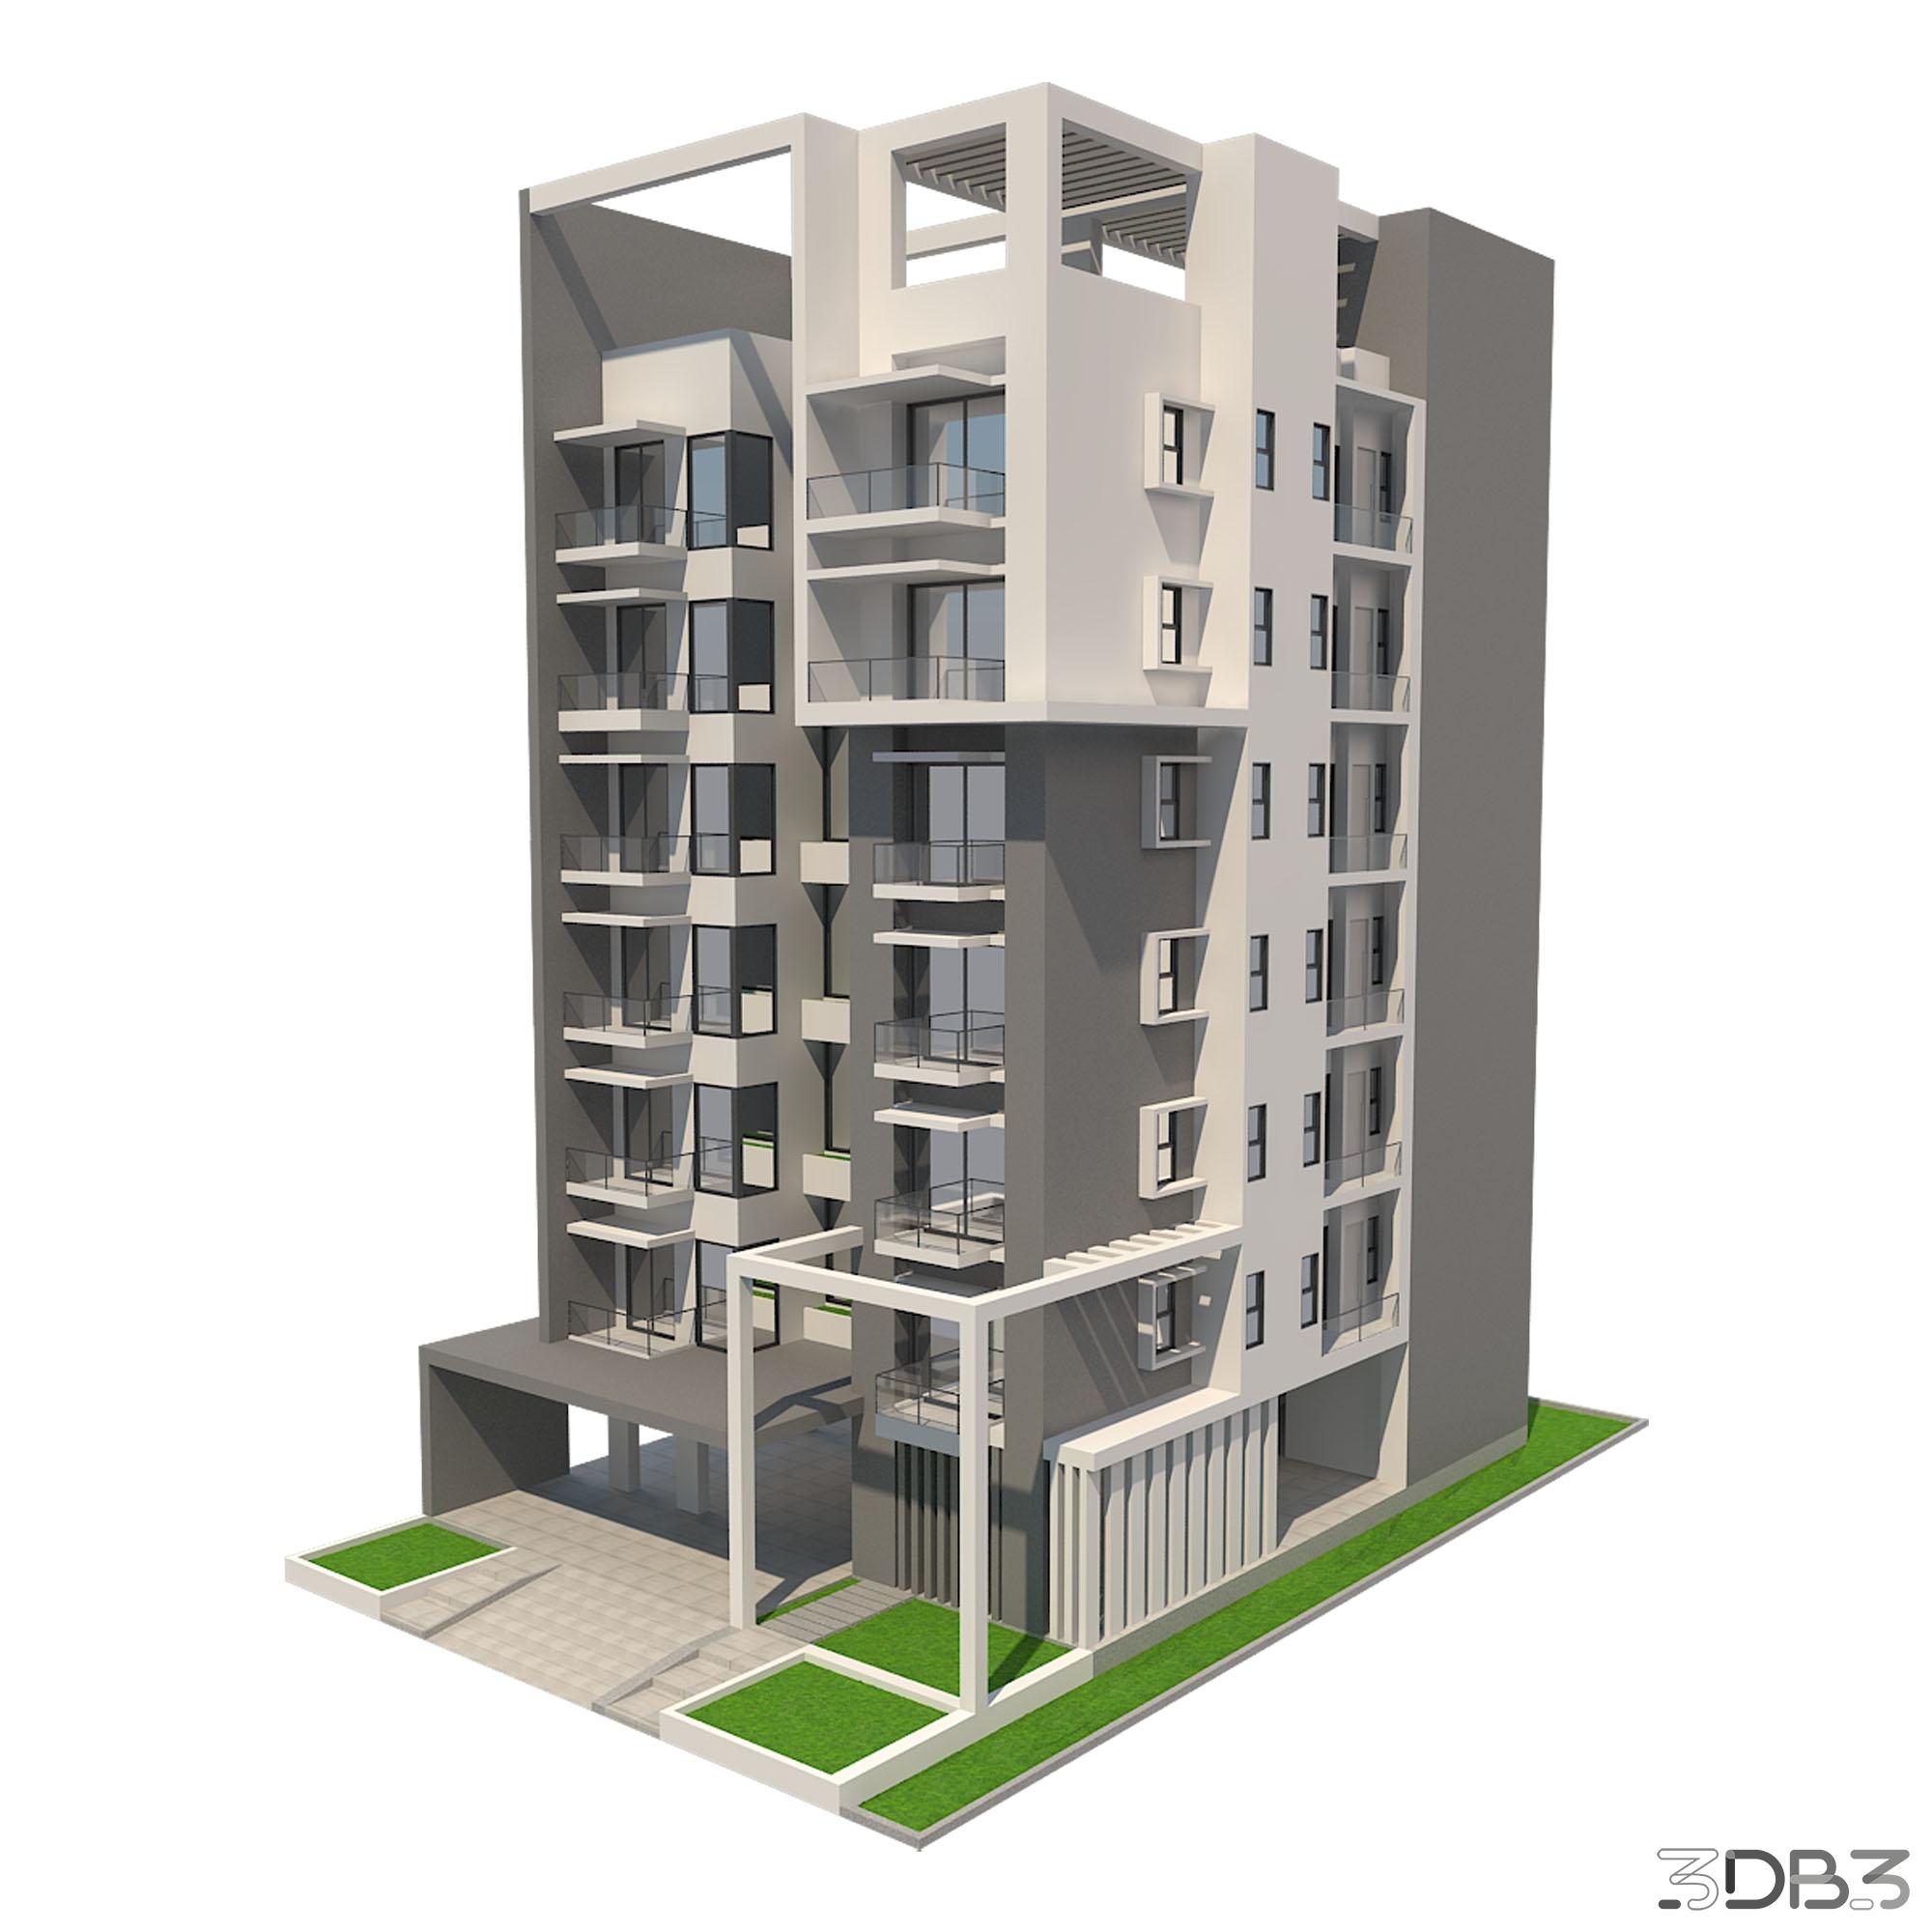 Building Design Software Freeware: Free 3D Model Download